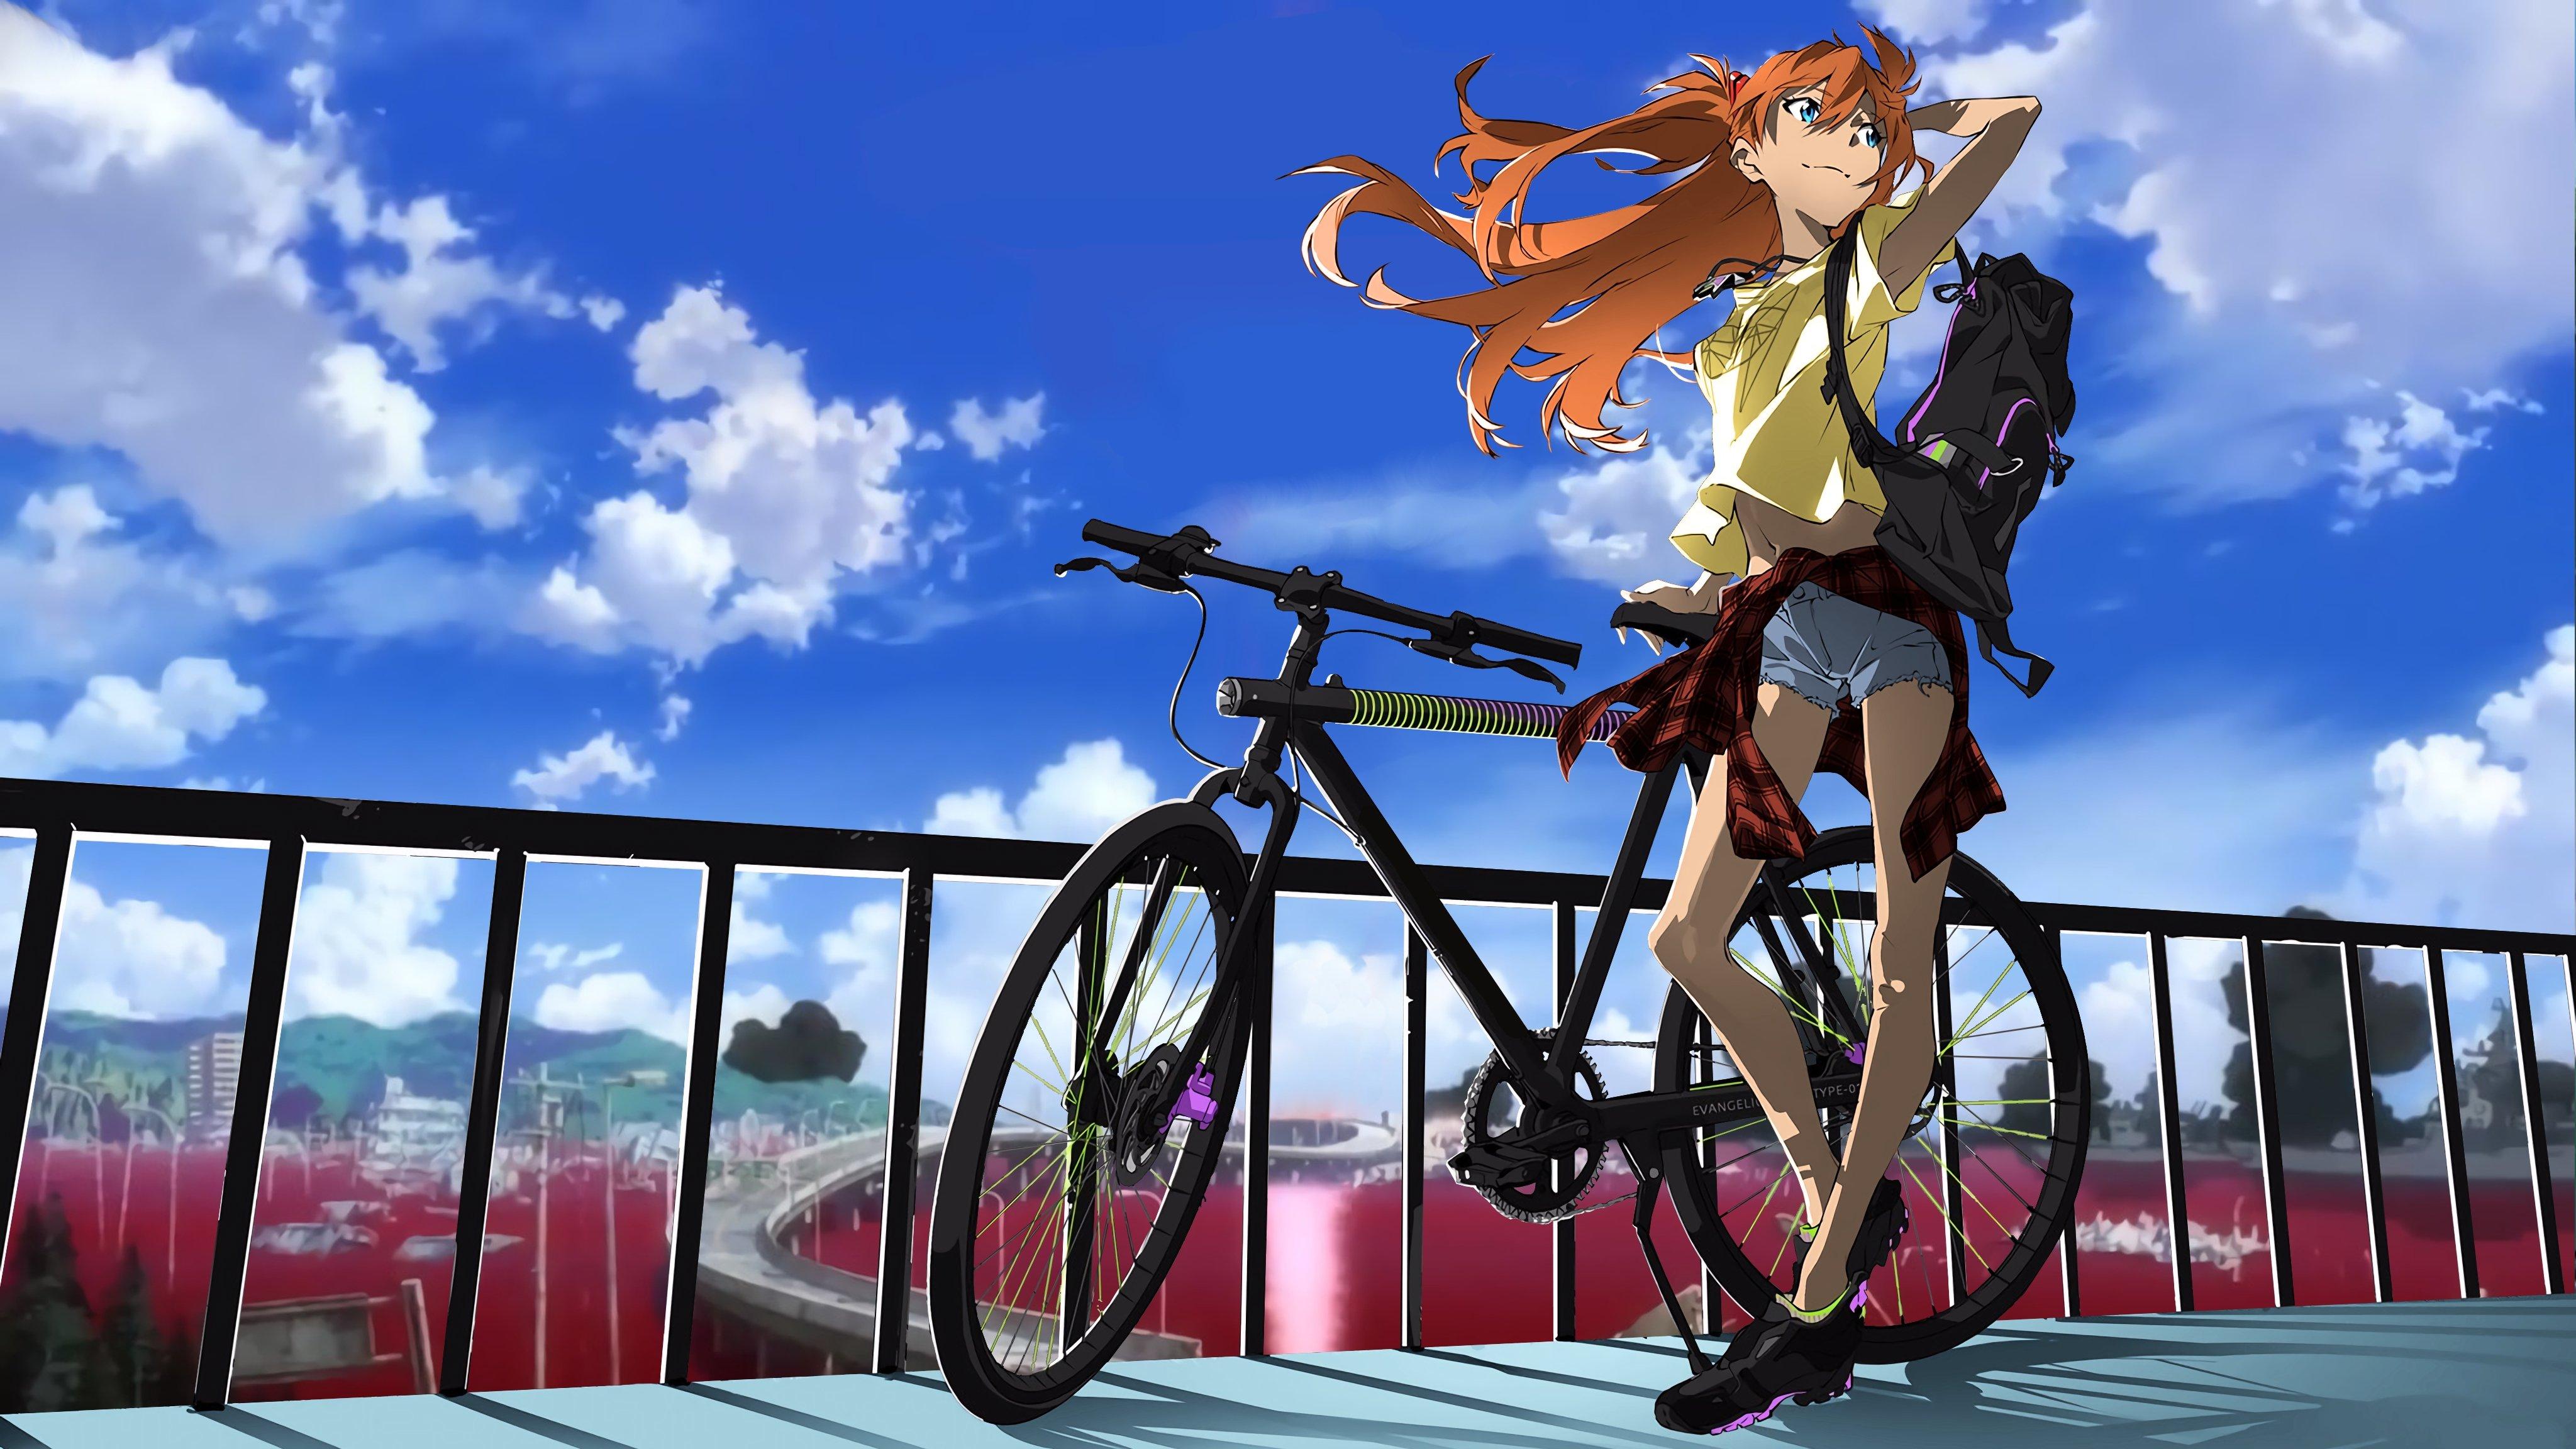 Fondos de pantalla Anime Asuka Langley en bicicleta